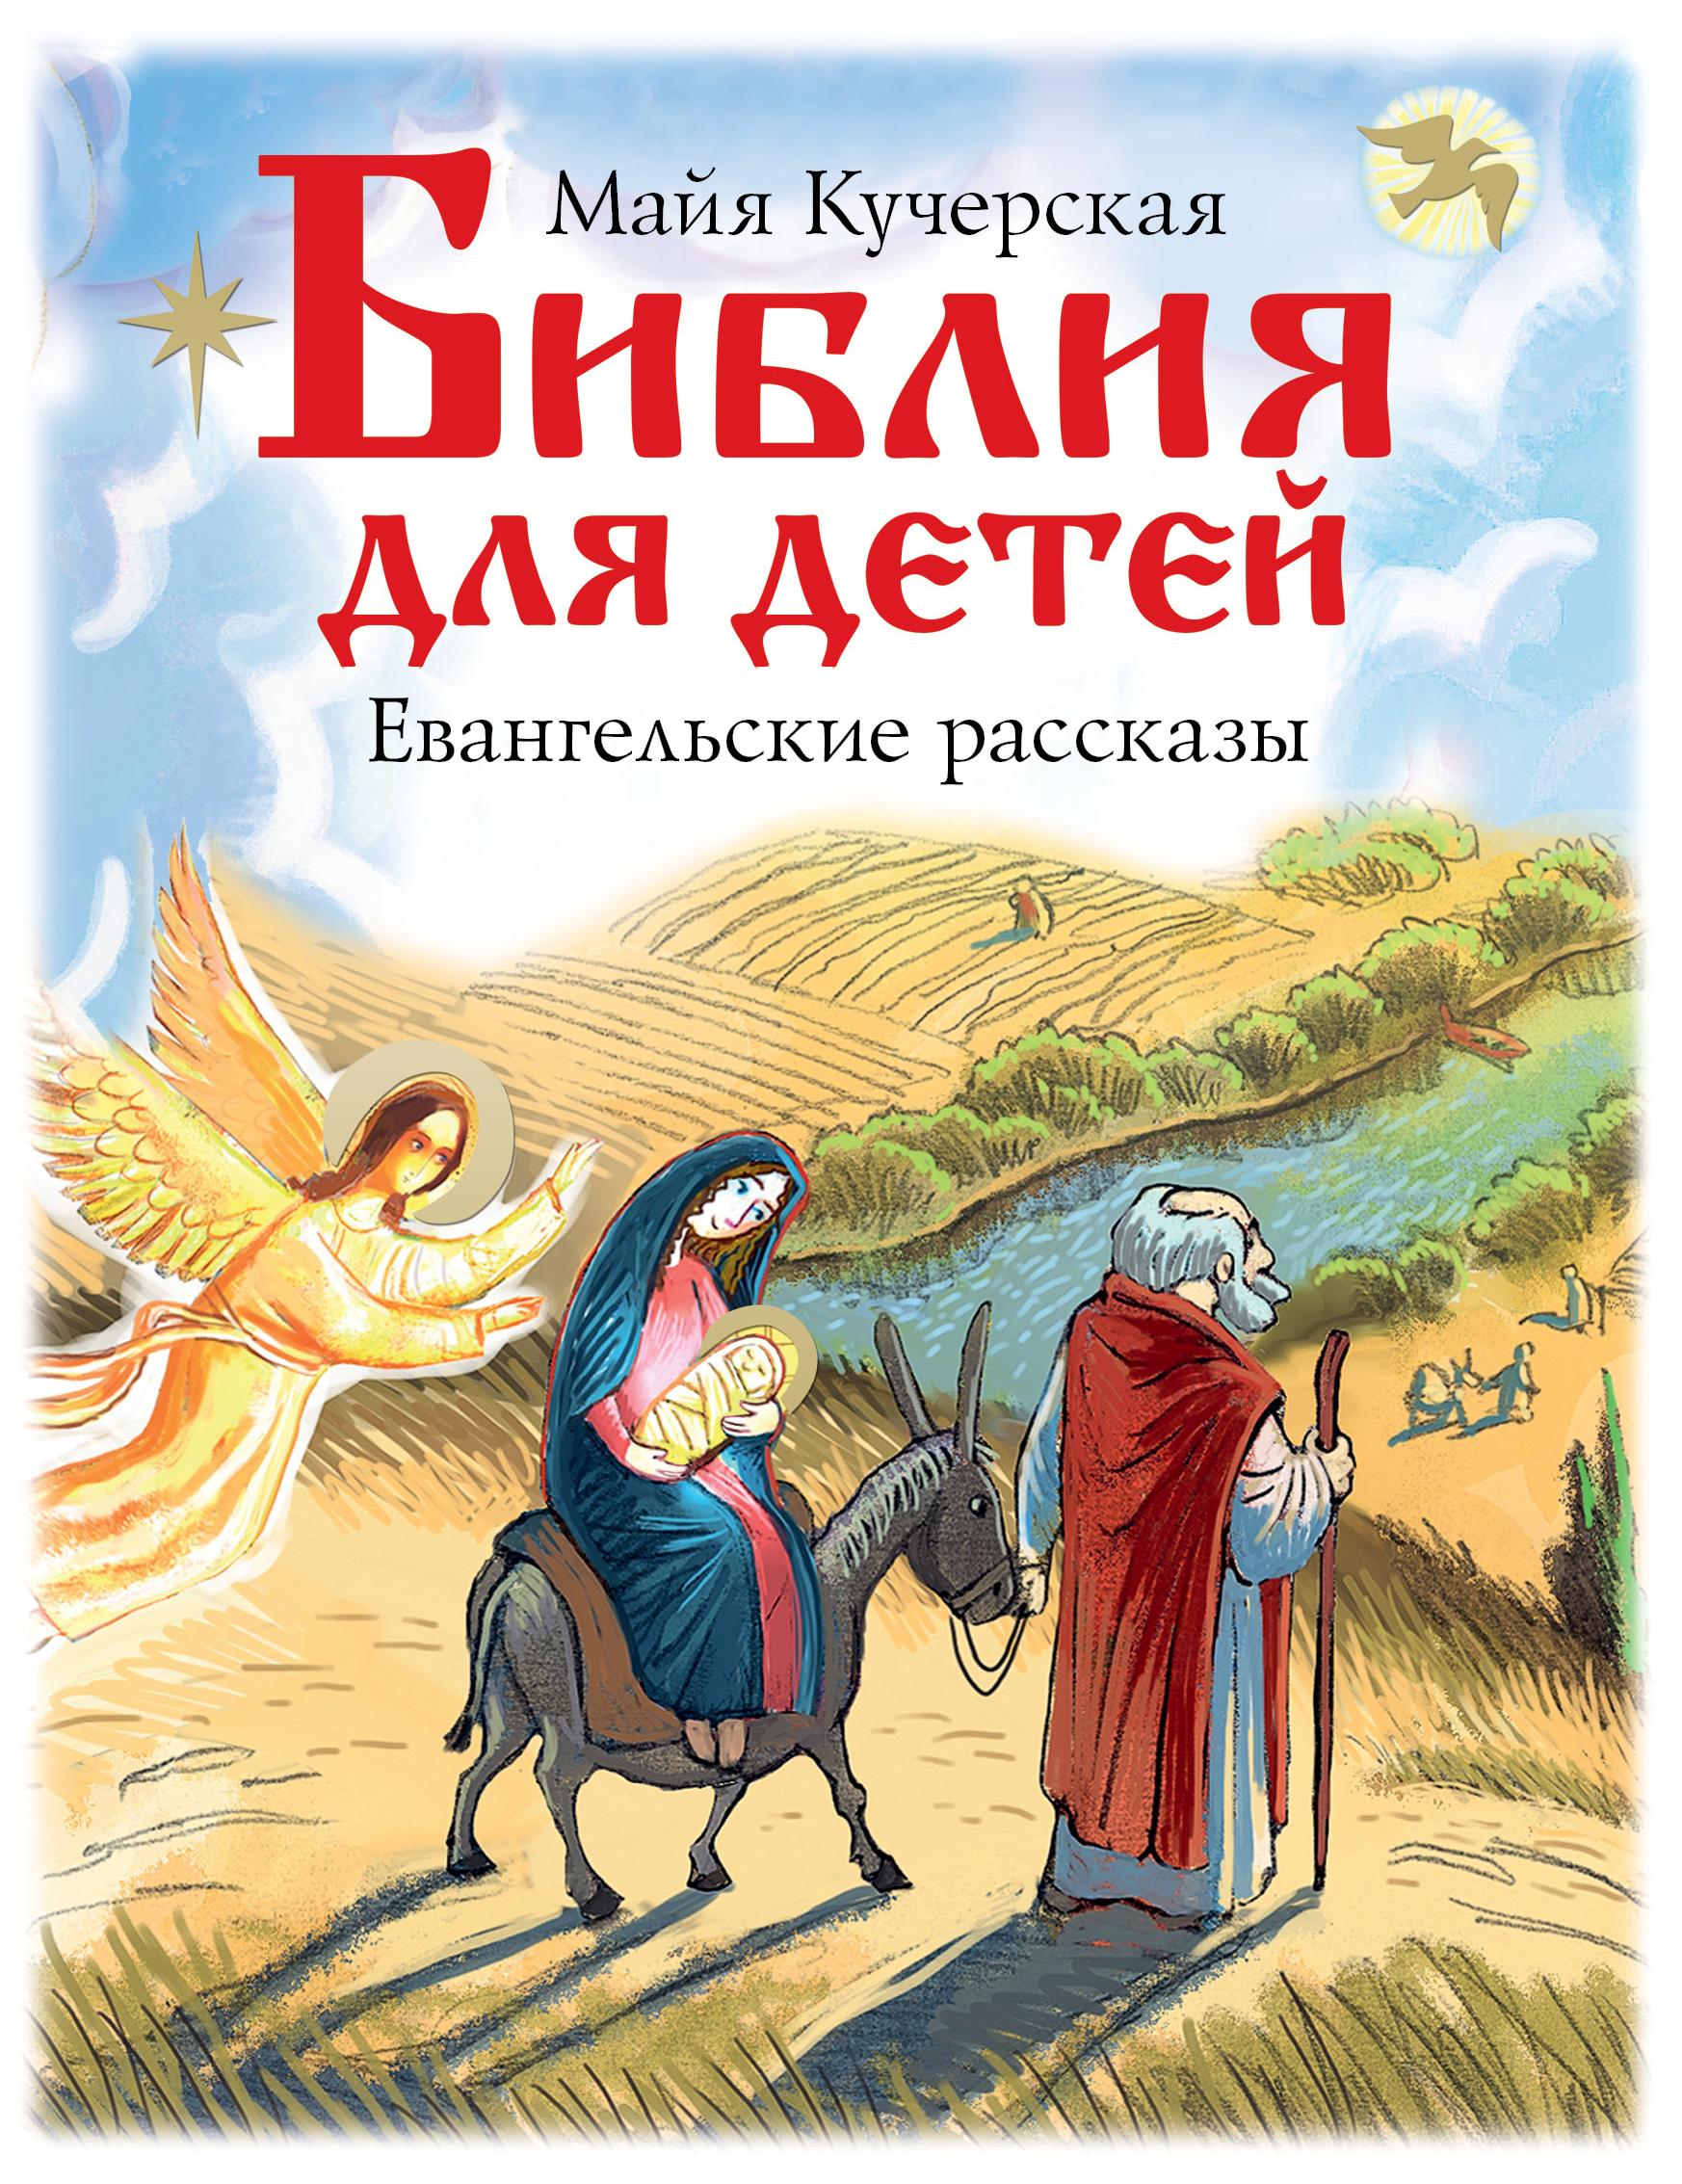 Библия для детей. Евангельские рассказы ( Кучерская М.А.  )